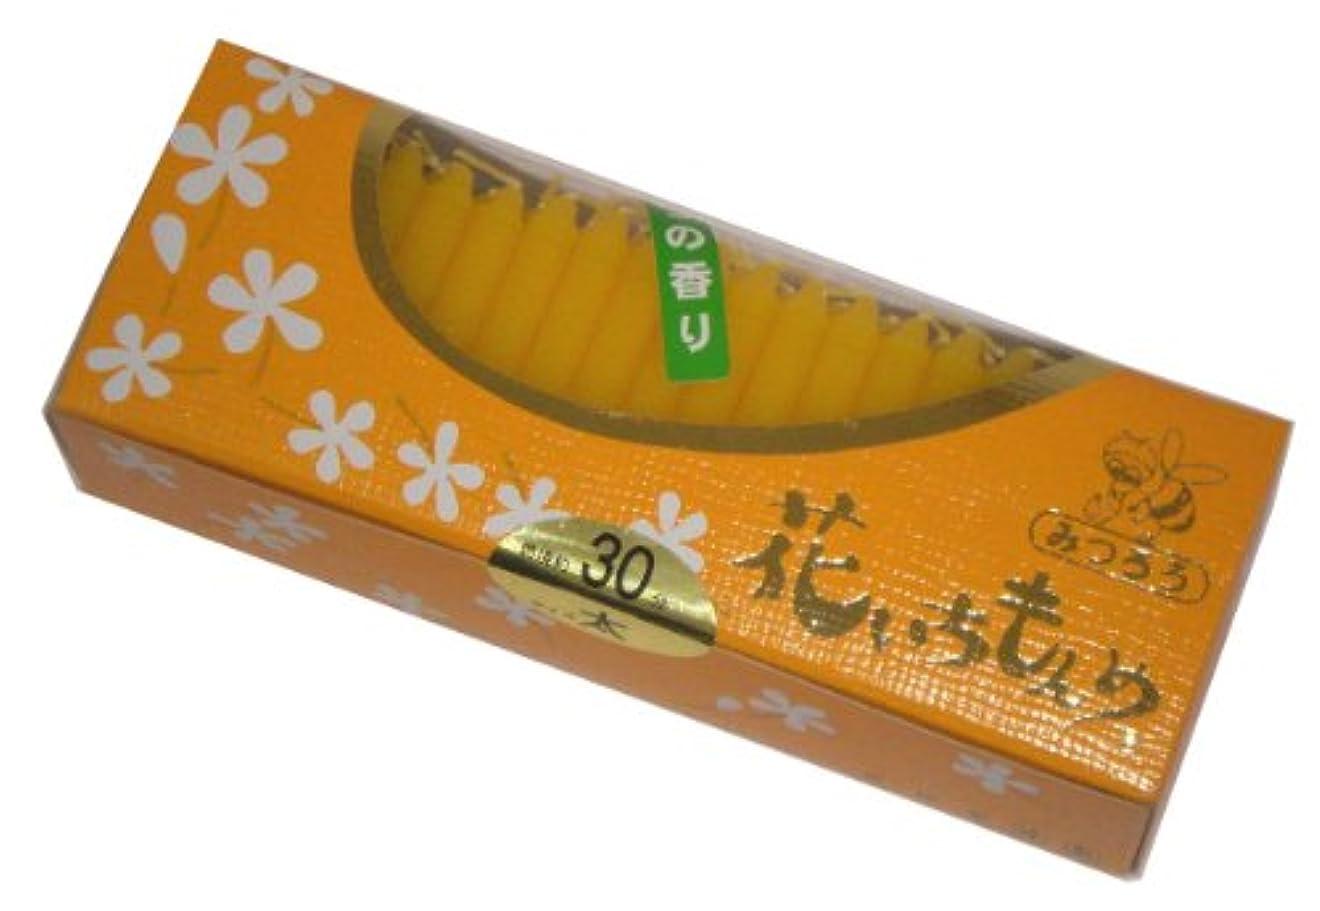 ナンセンス保護する佐藤油脂のローソク 花いちもんめ みつろう 約100本 30分